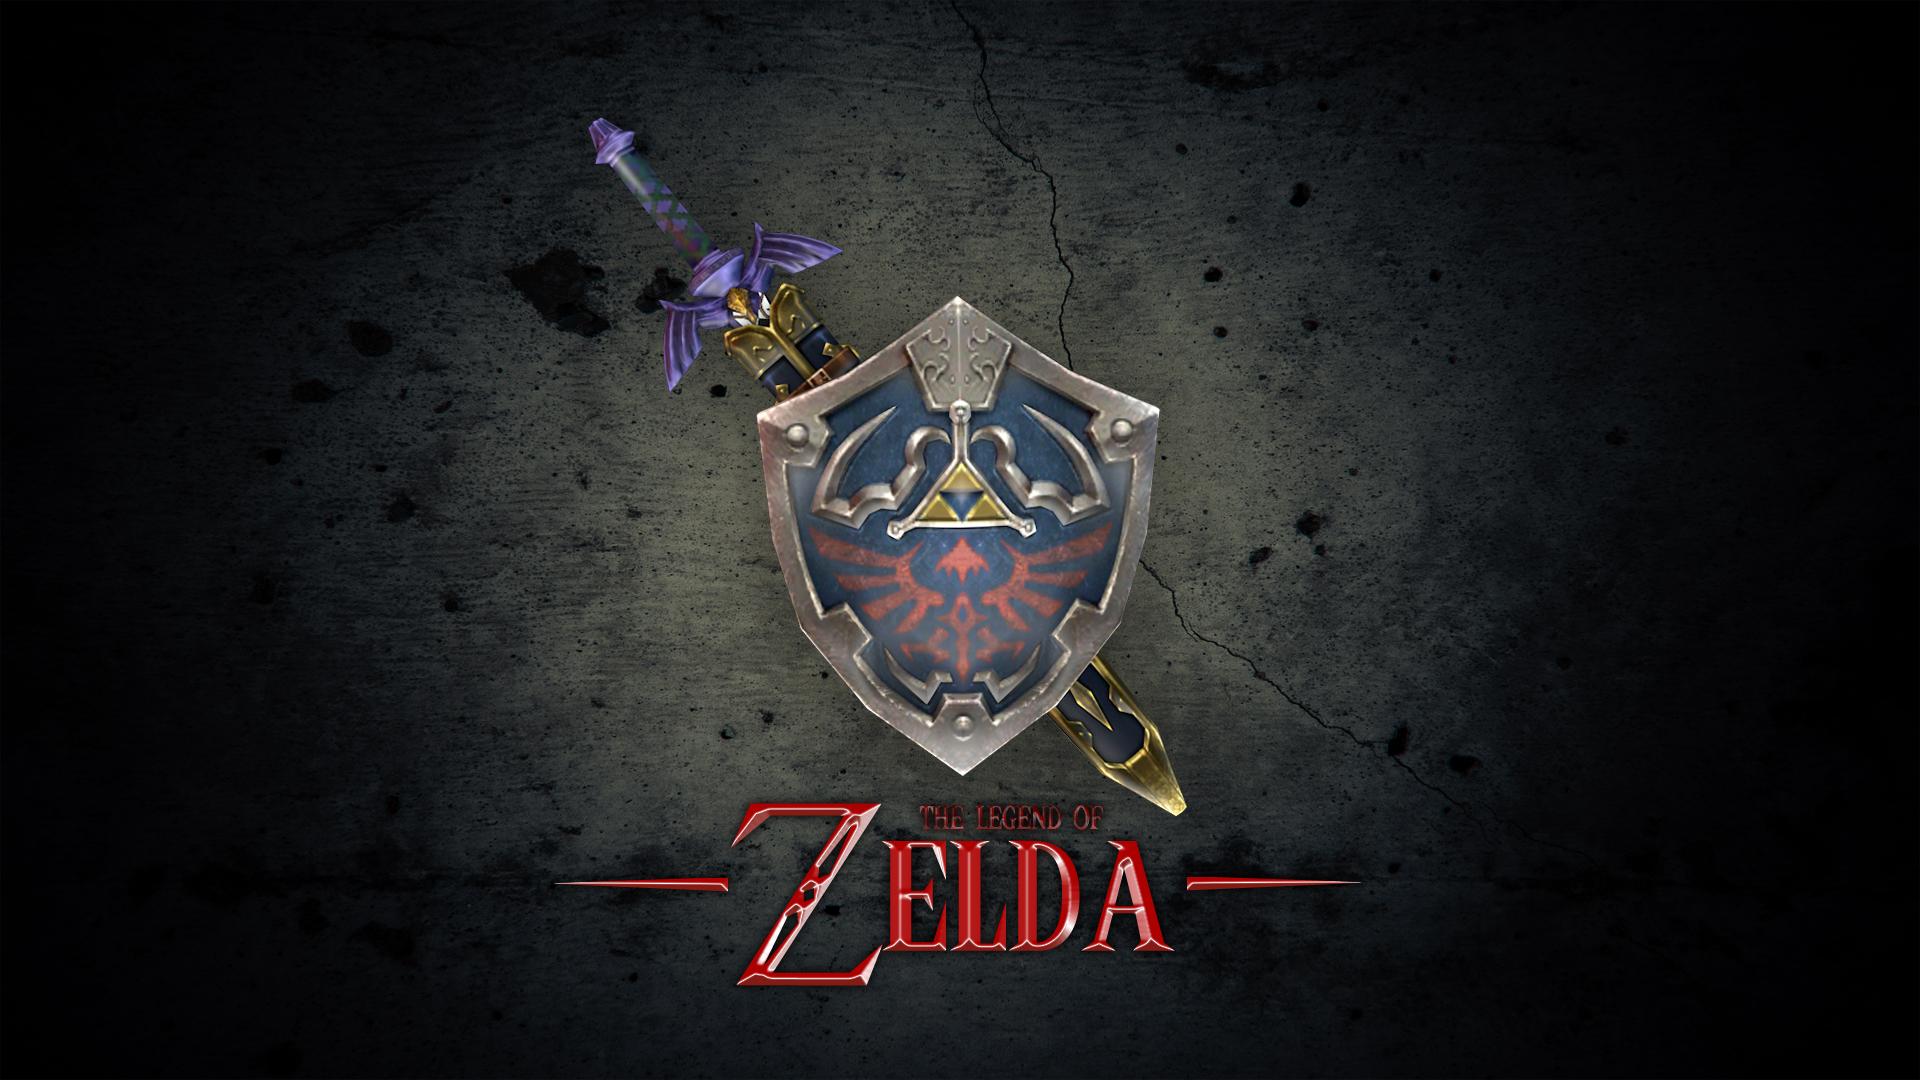 The Legends Of Zelda Swords Logo HD Wallpapers 1080x1920Px XzmUQc13 1920x1080